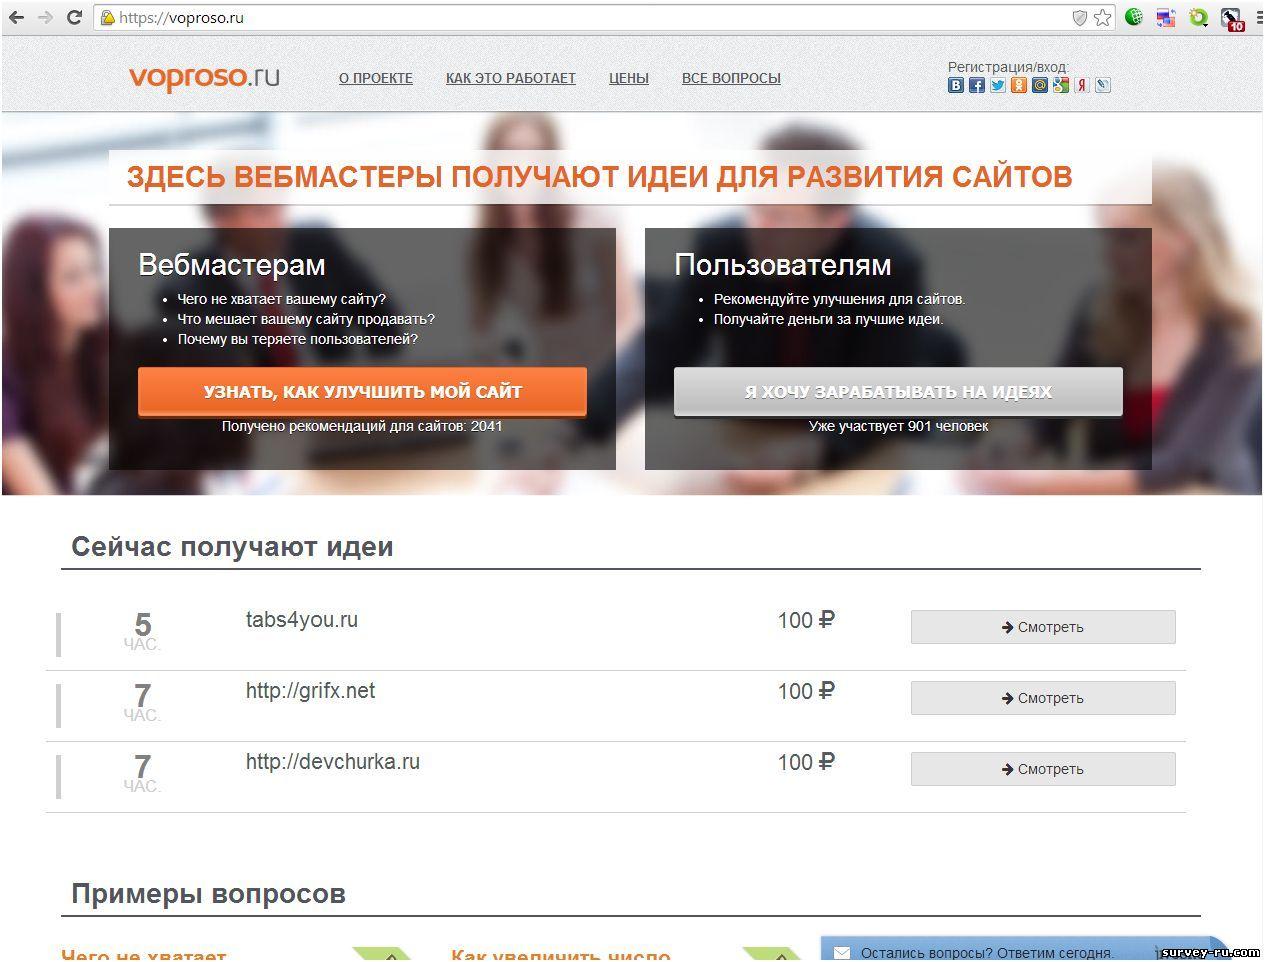 voproso.ru